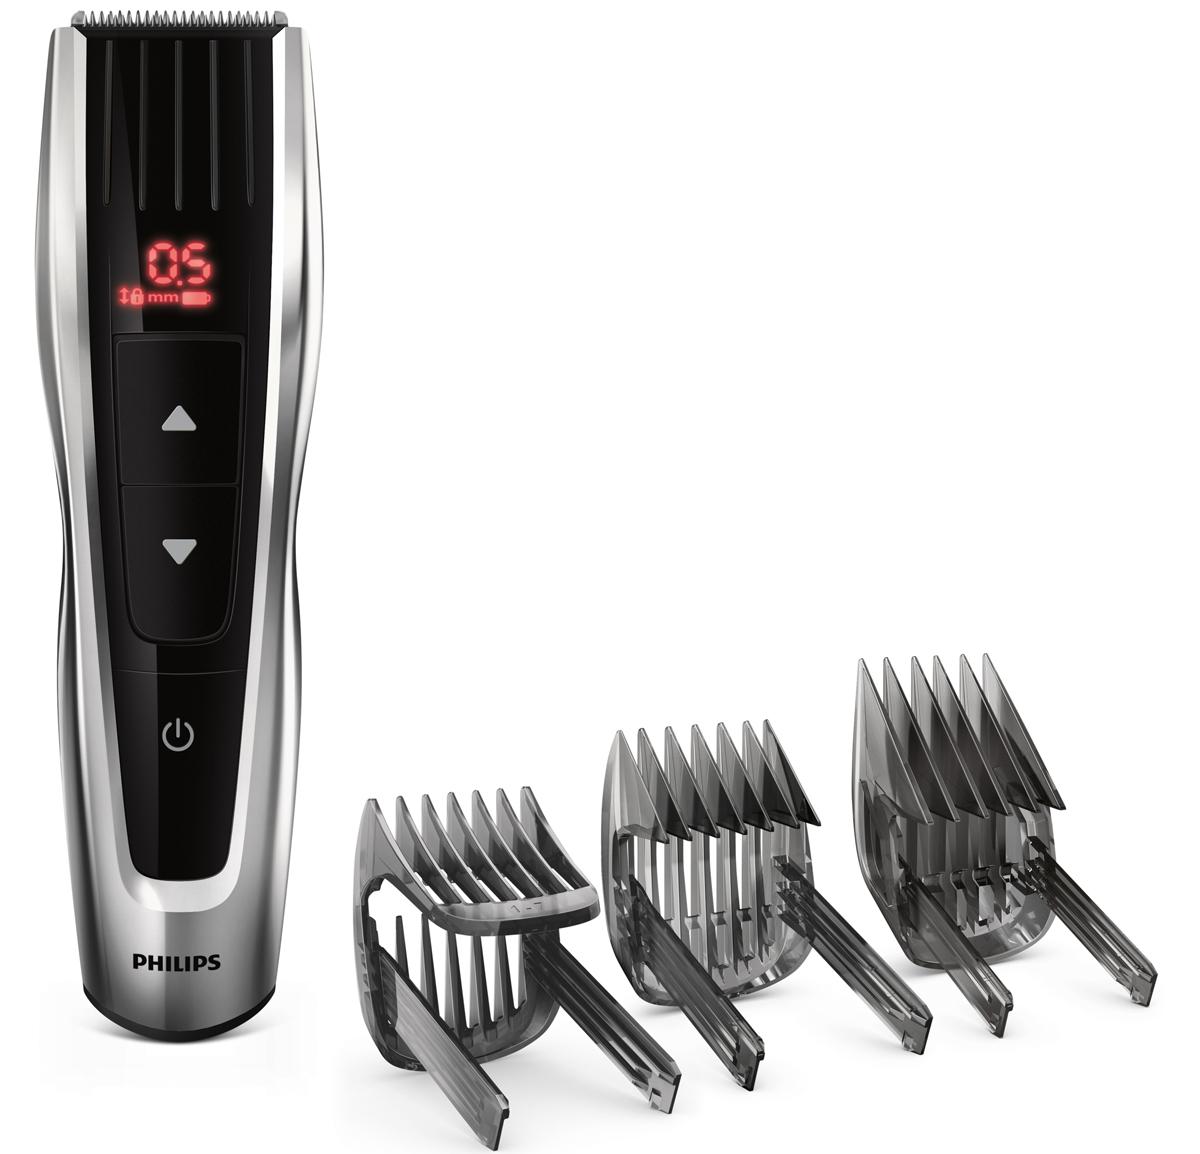 Philips HC7460/15 беспроводная машинка для стрижки волос с 60 установками длины - Машинки для стрижки